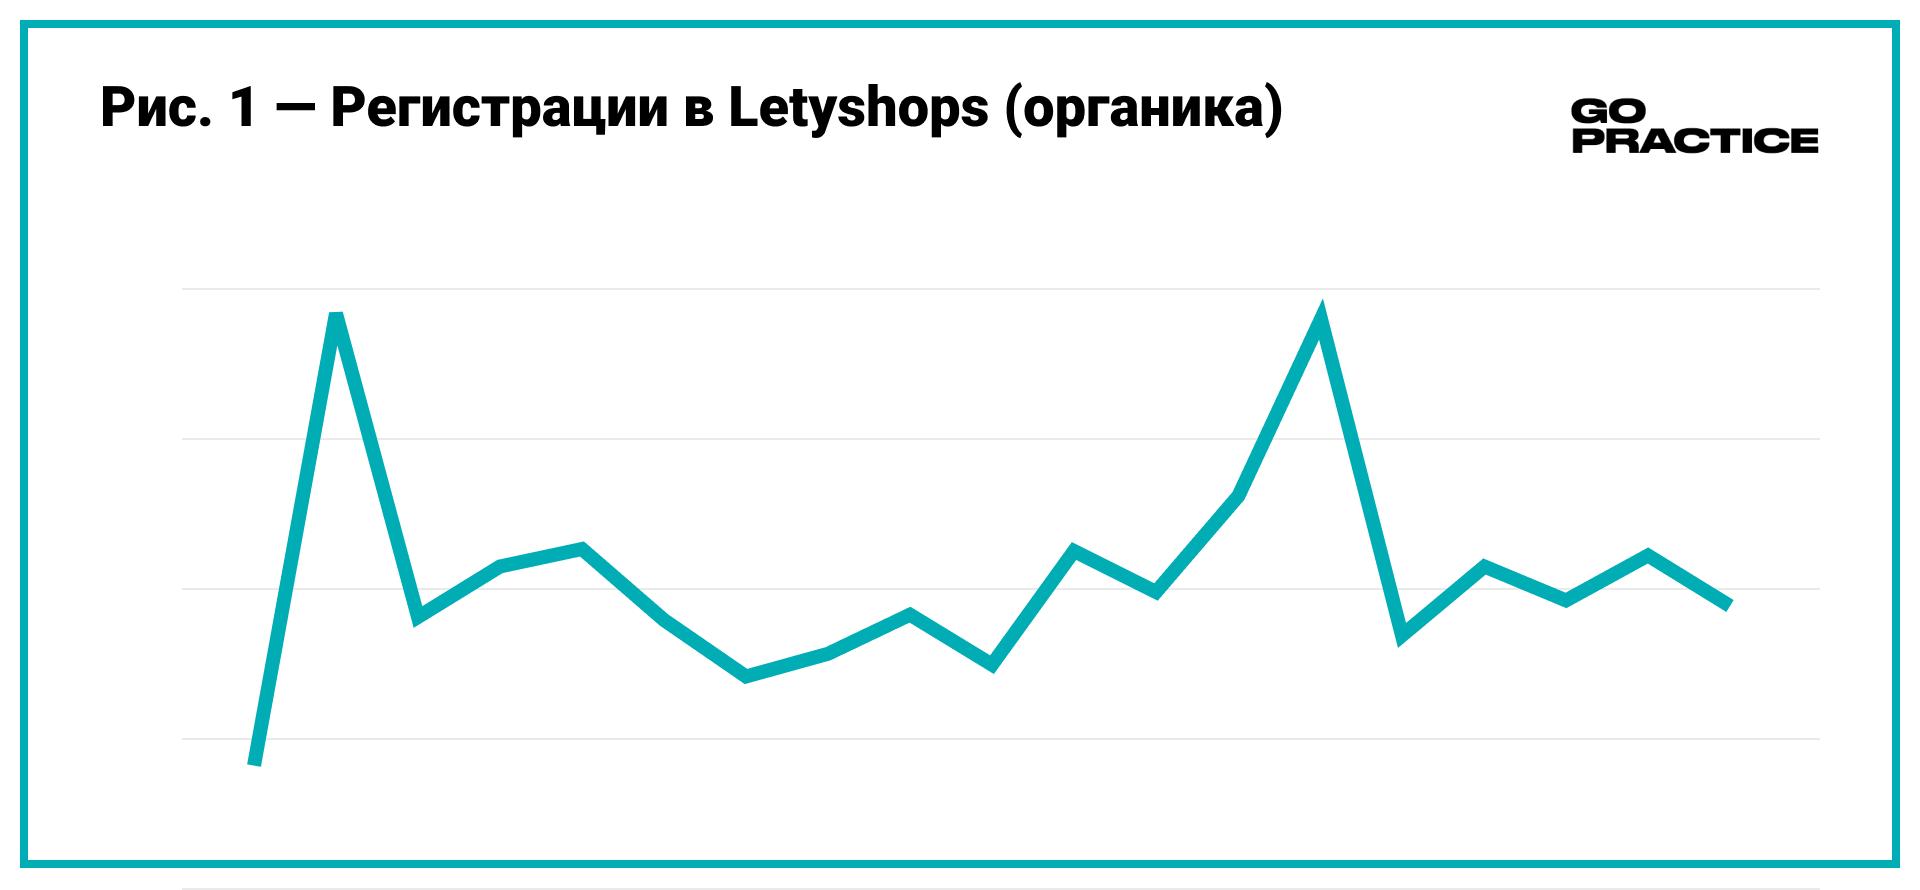 Регистрации в Letyshops. Органика